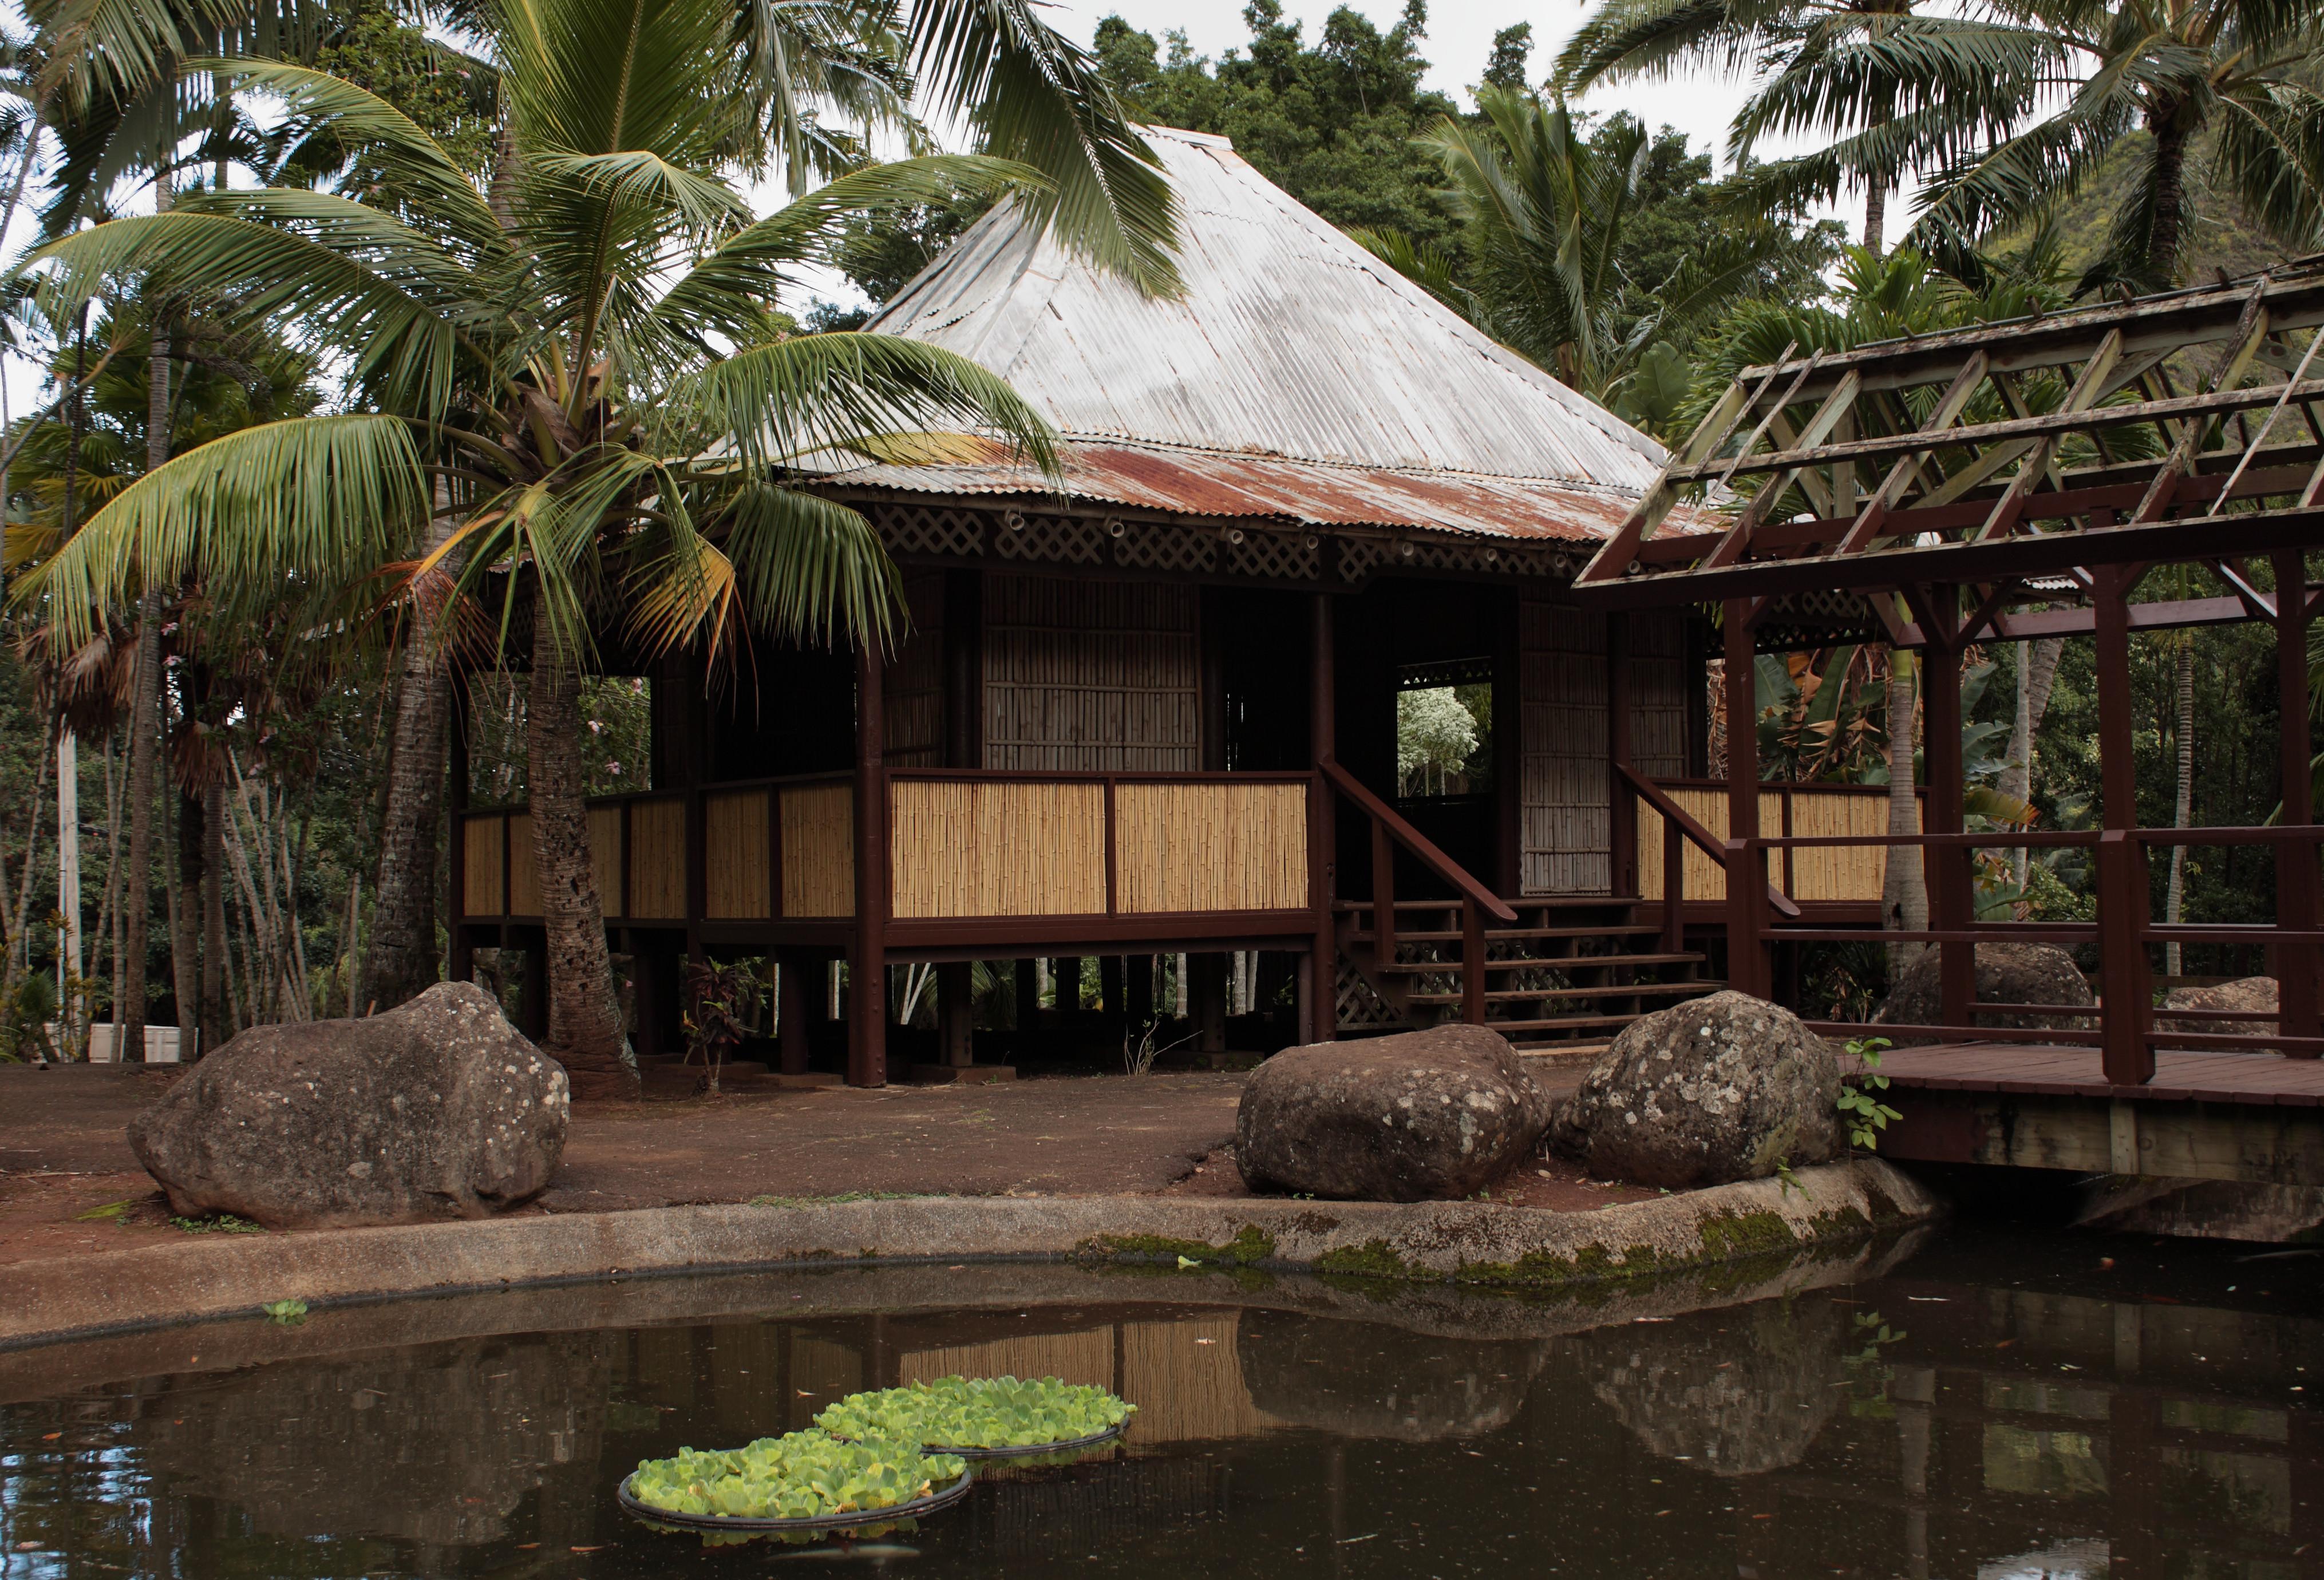 Nipa hut wikiwand